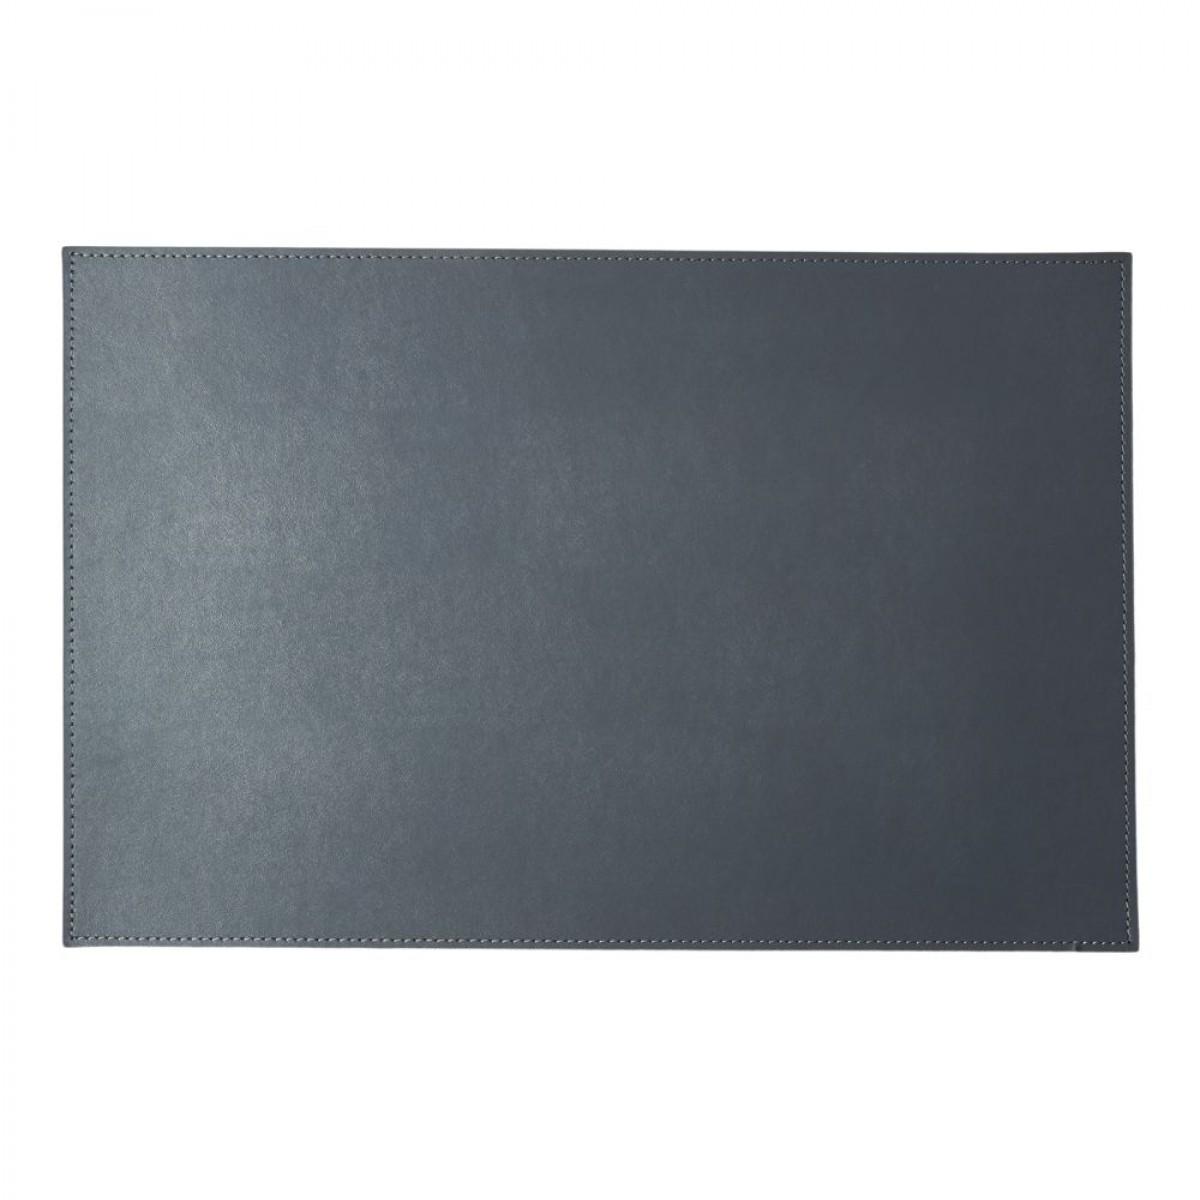 DACORE Dækkeserviet genbrugslæder firkantet grå